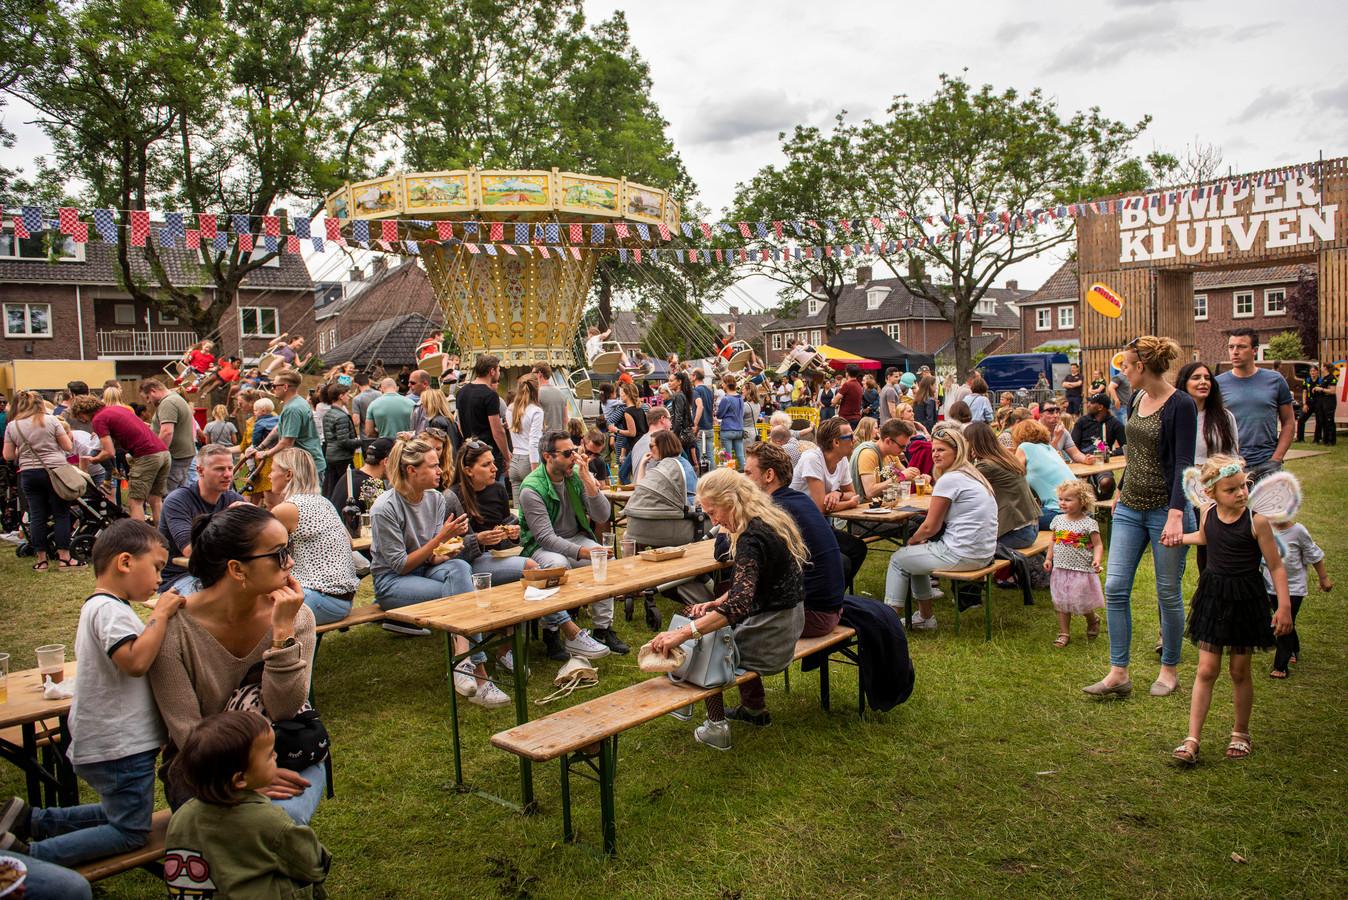 Bumperkluiven foodtruck festival in Boeimaar aan de Mark. Met lekker eten en veel te drinken maar ook muziek, bellenblaas workshop en een draaimolen